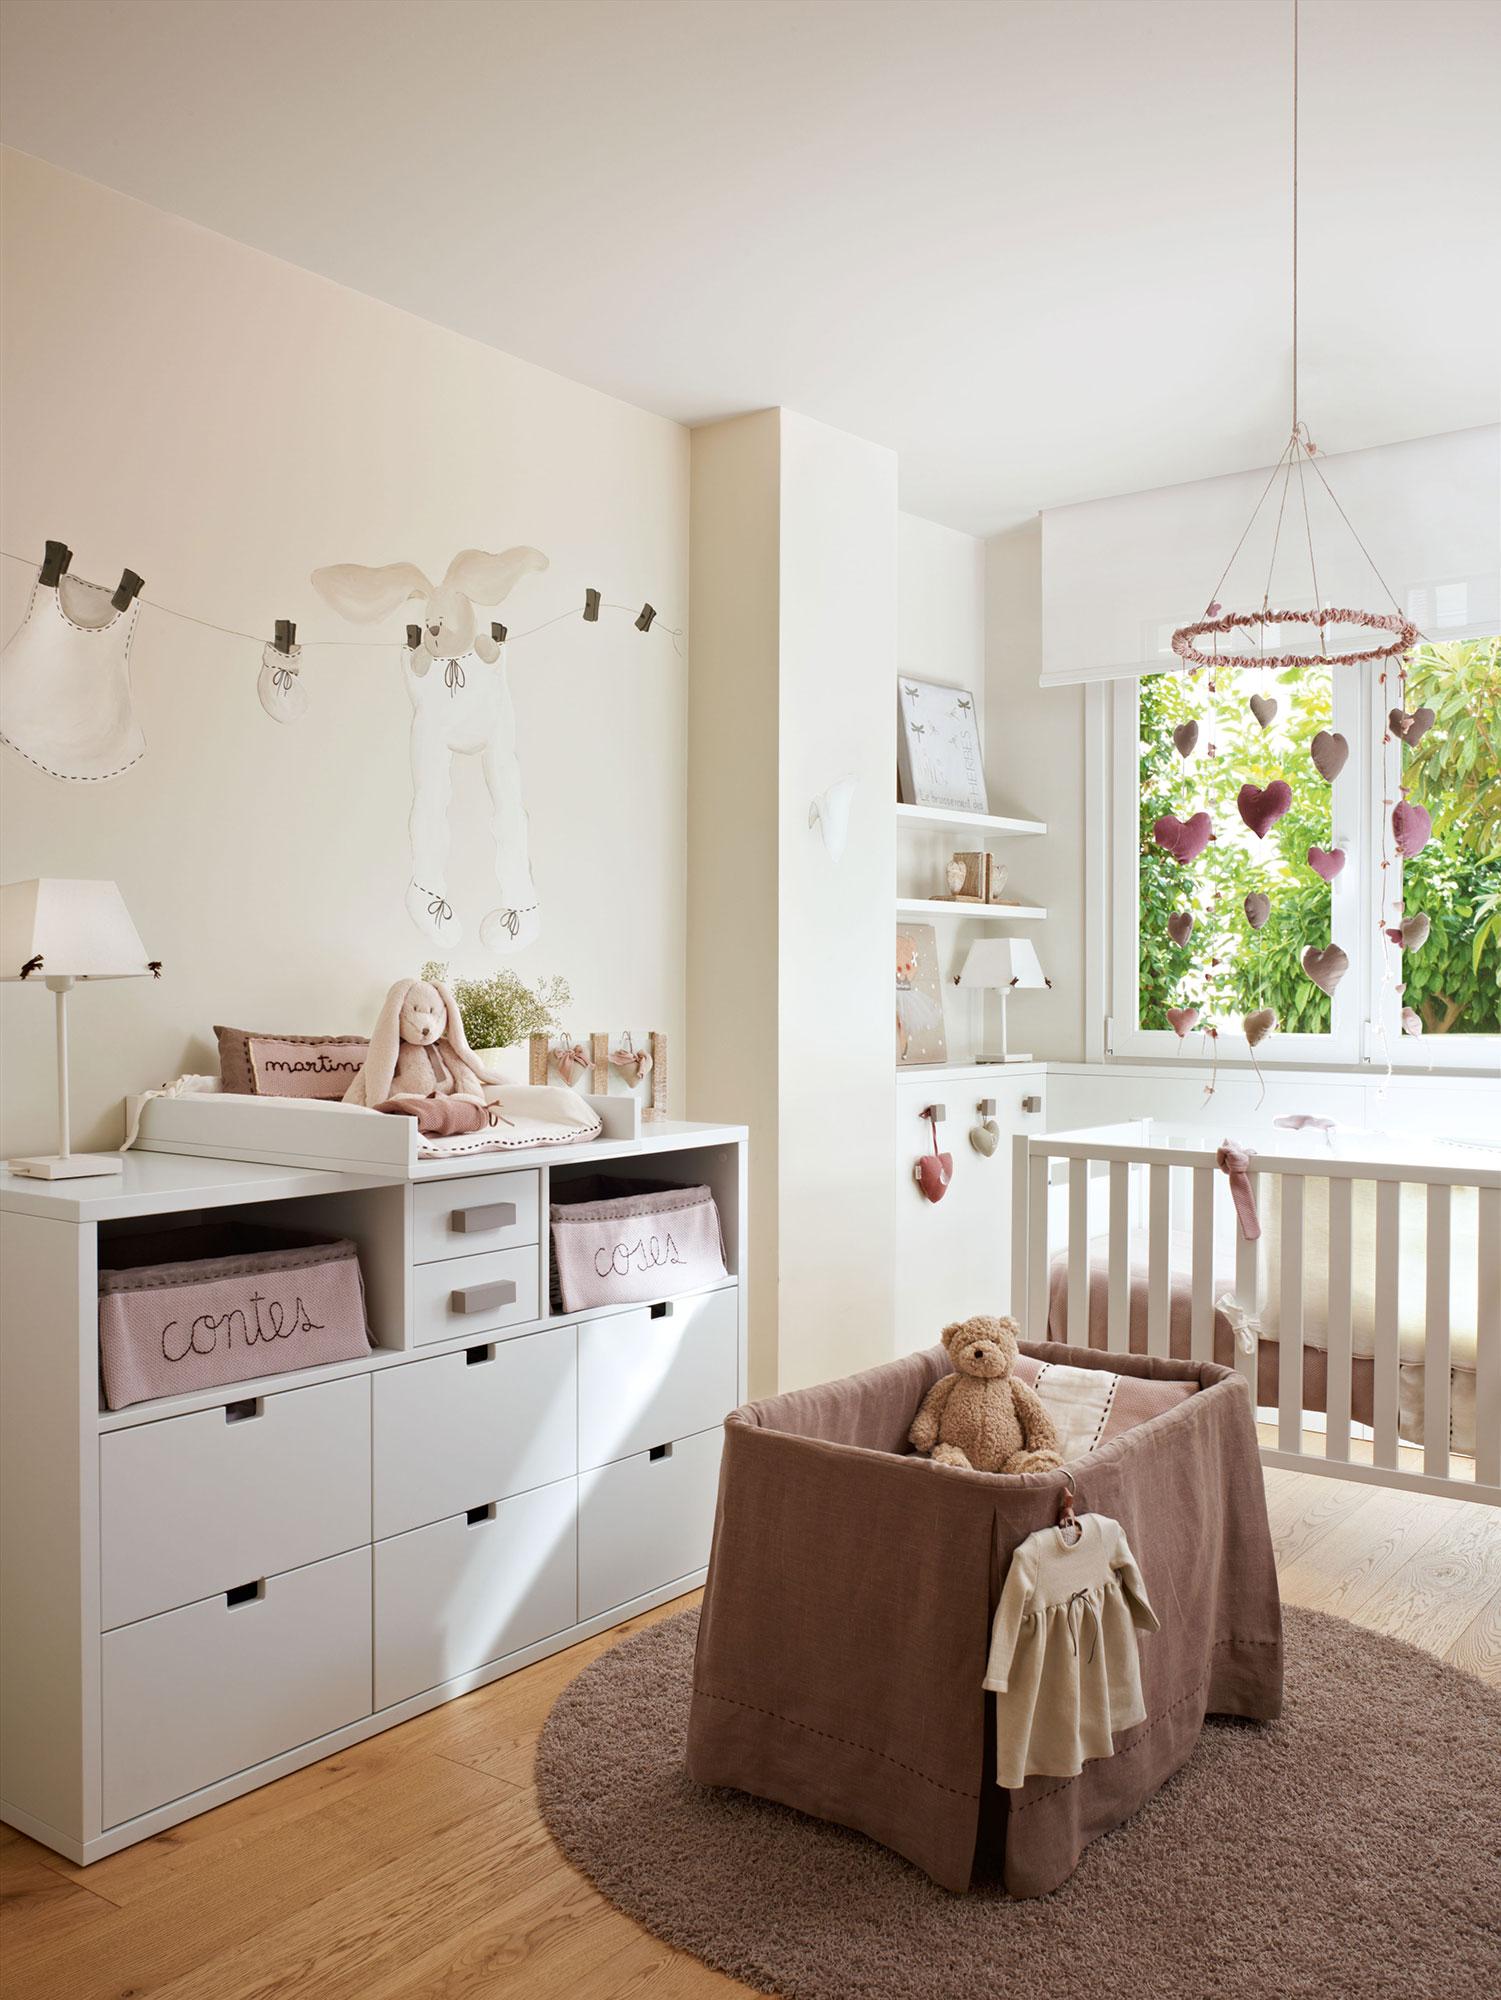 Claves para decorar la habitaci n de los ni os de beb a - Habitacion para nino ...